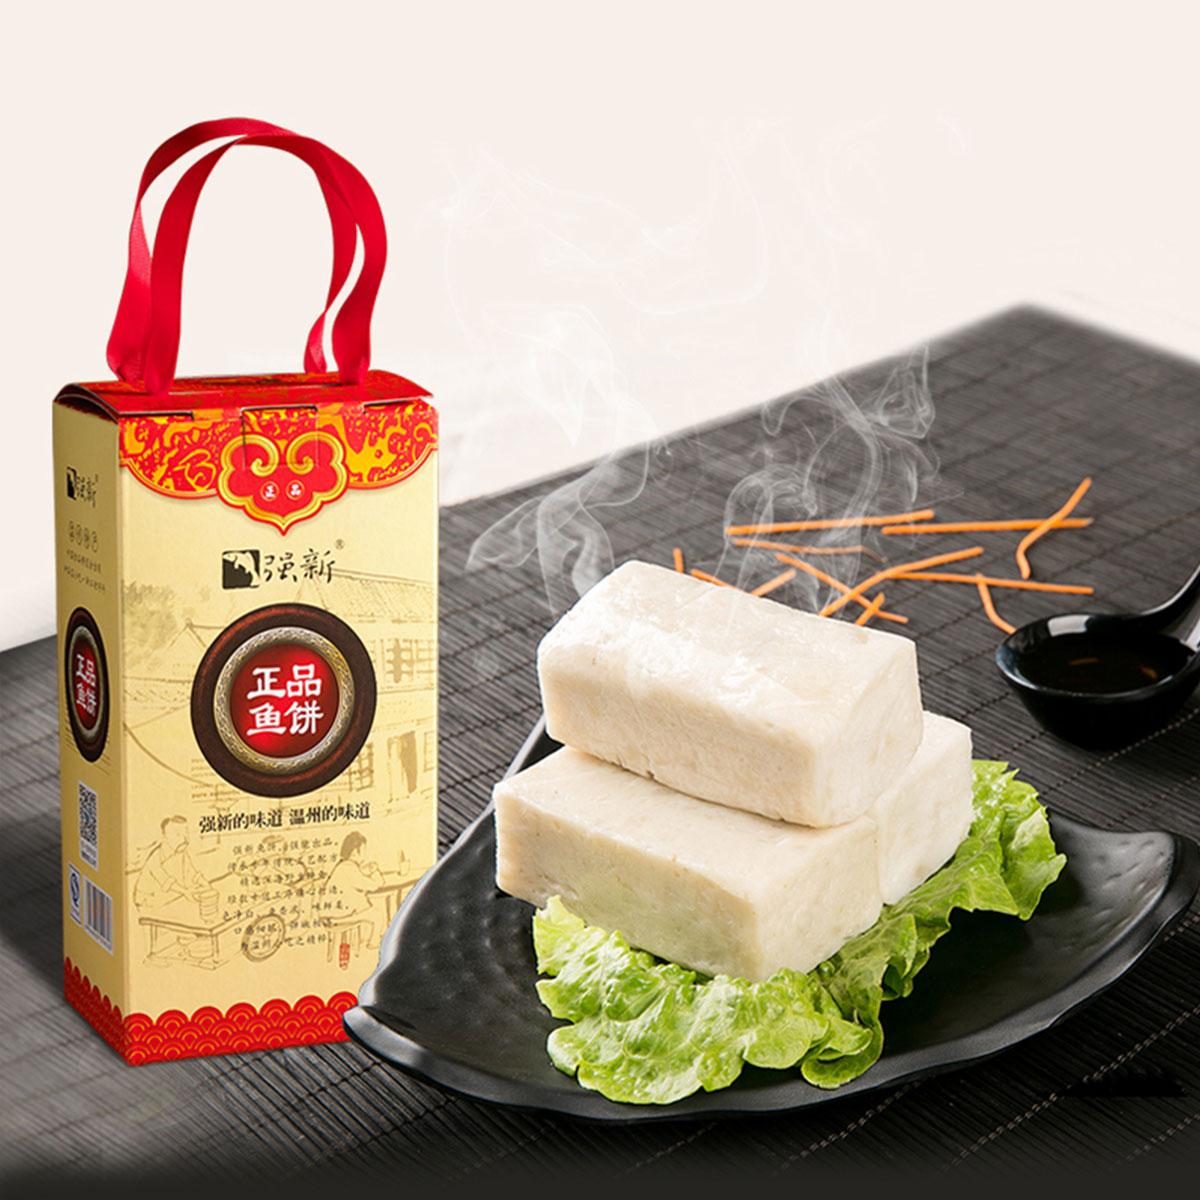 强新鱼饼温州特产鮸鱼糕1000克火锅串串关东煮海鲜年货食材礼盒COLOR礼盒1000克